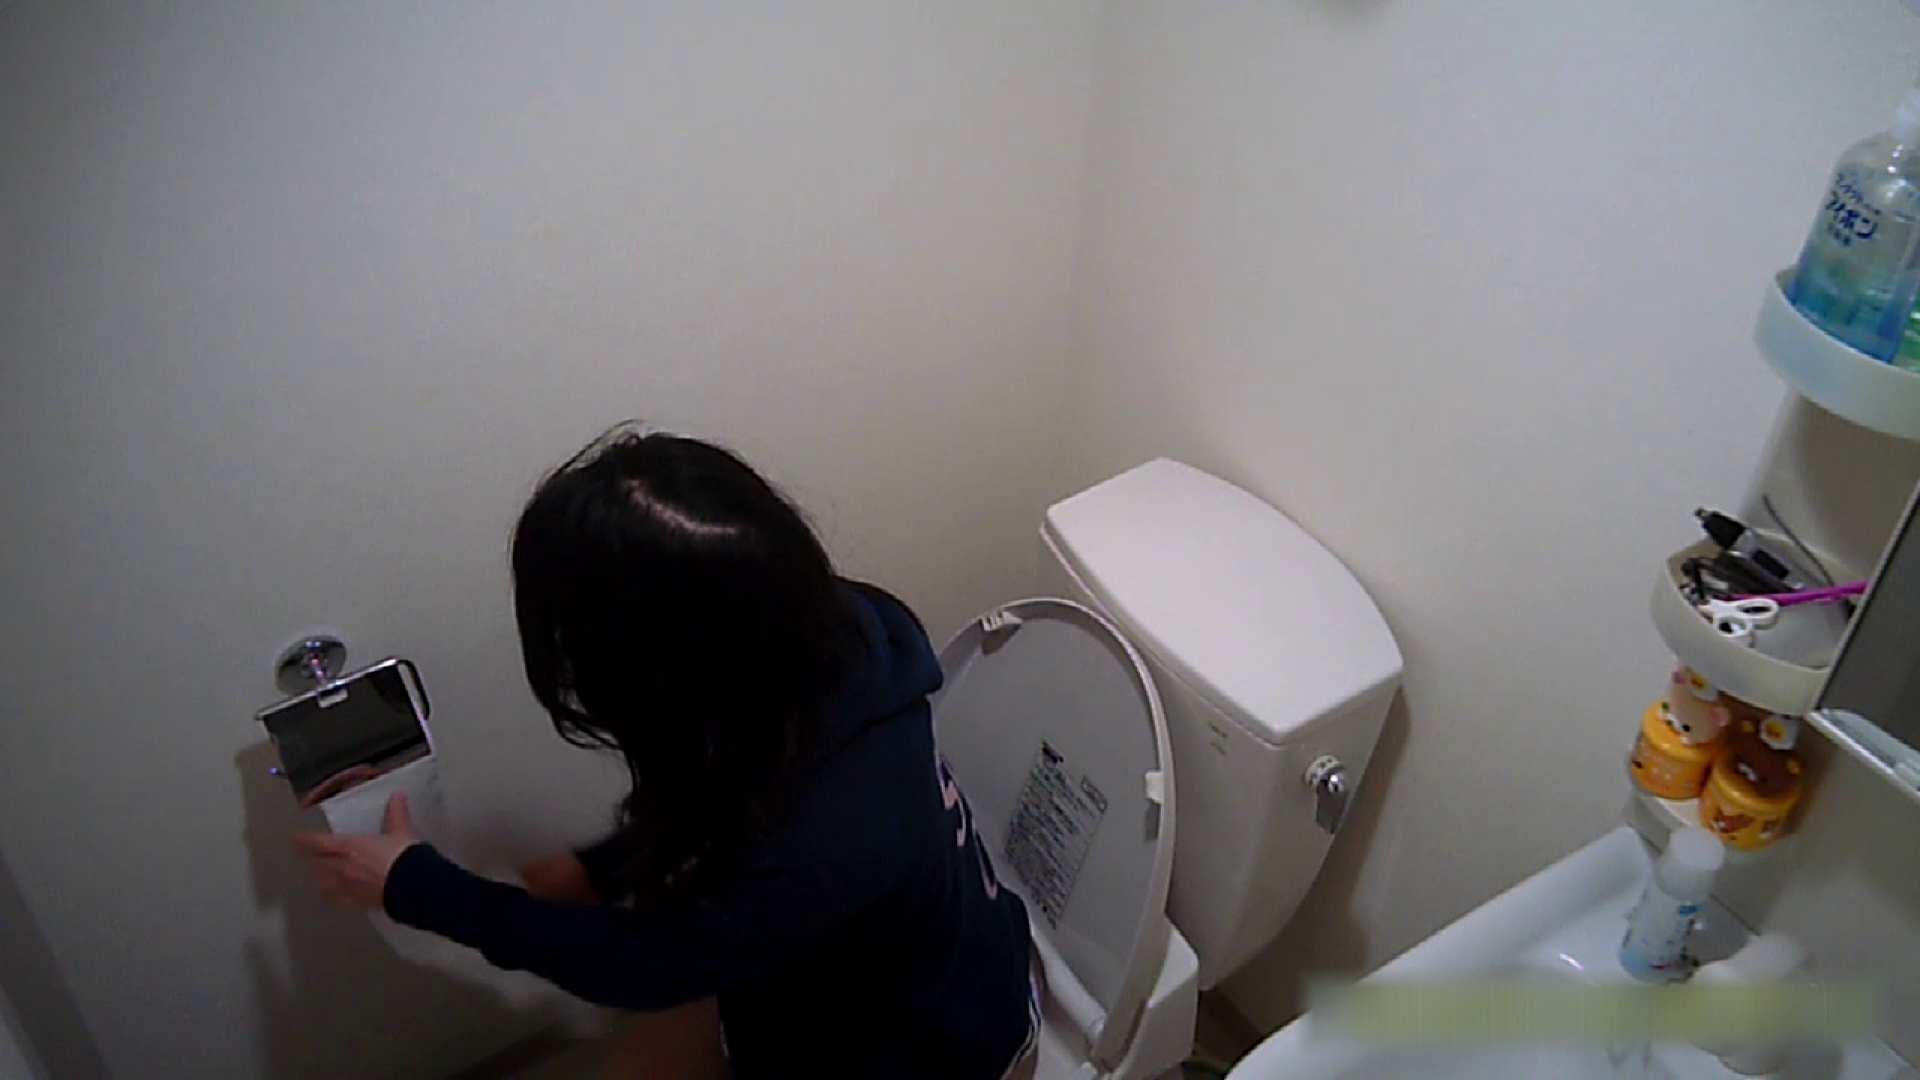 清楚な顔してかなり敏感なE子25歳(仮名)Vol.04 トイレ編 トイレのぞき 性交動画流出 62画像 51